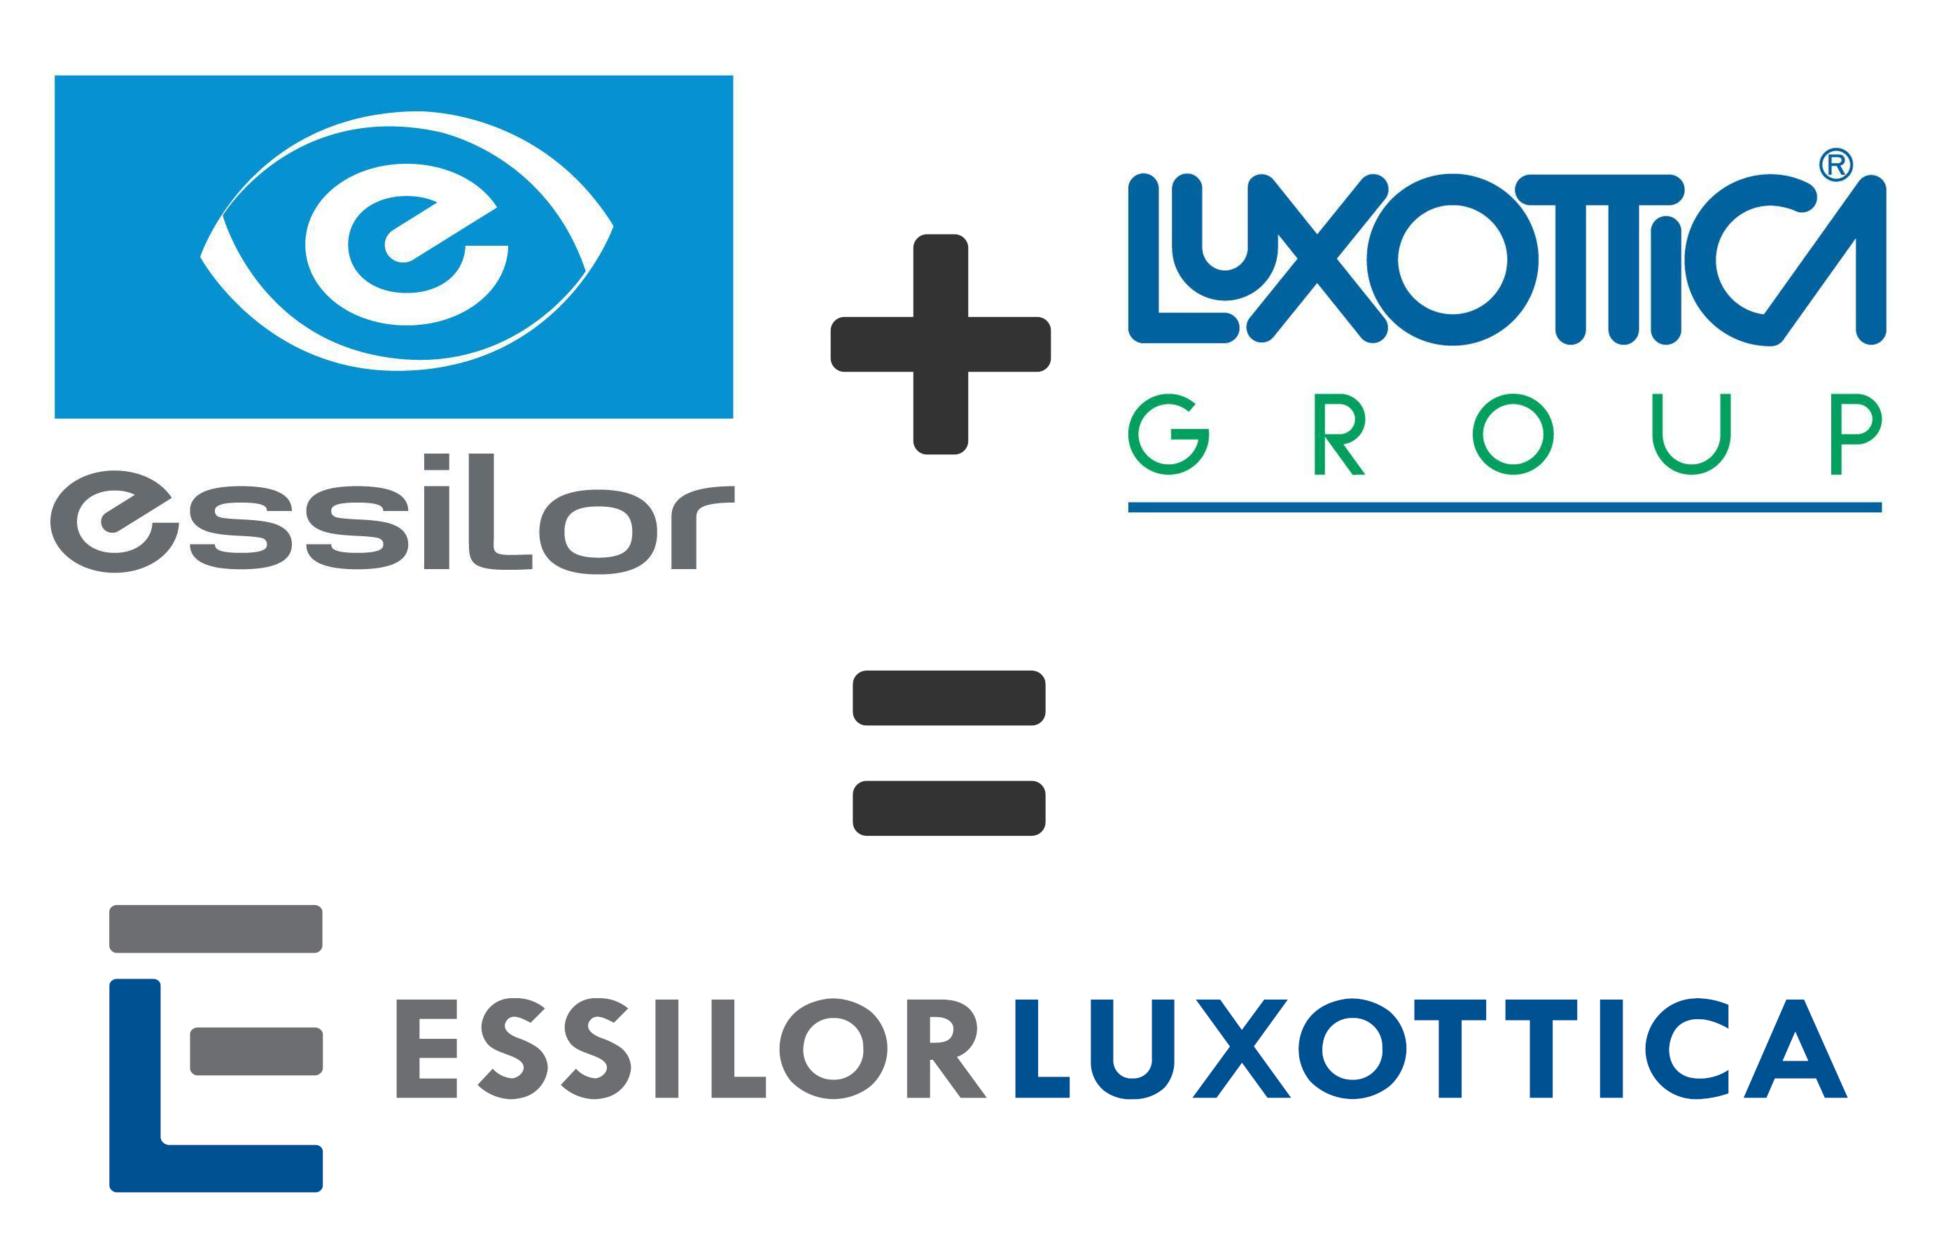 Fusione tra Essilor e Luxottica